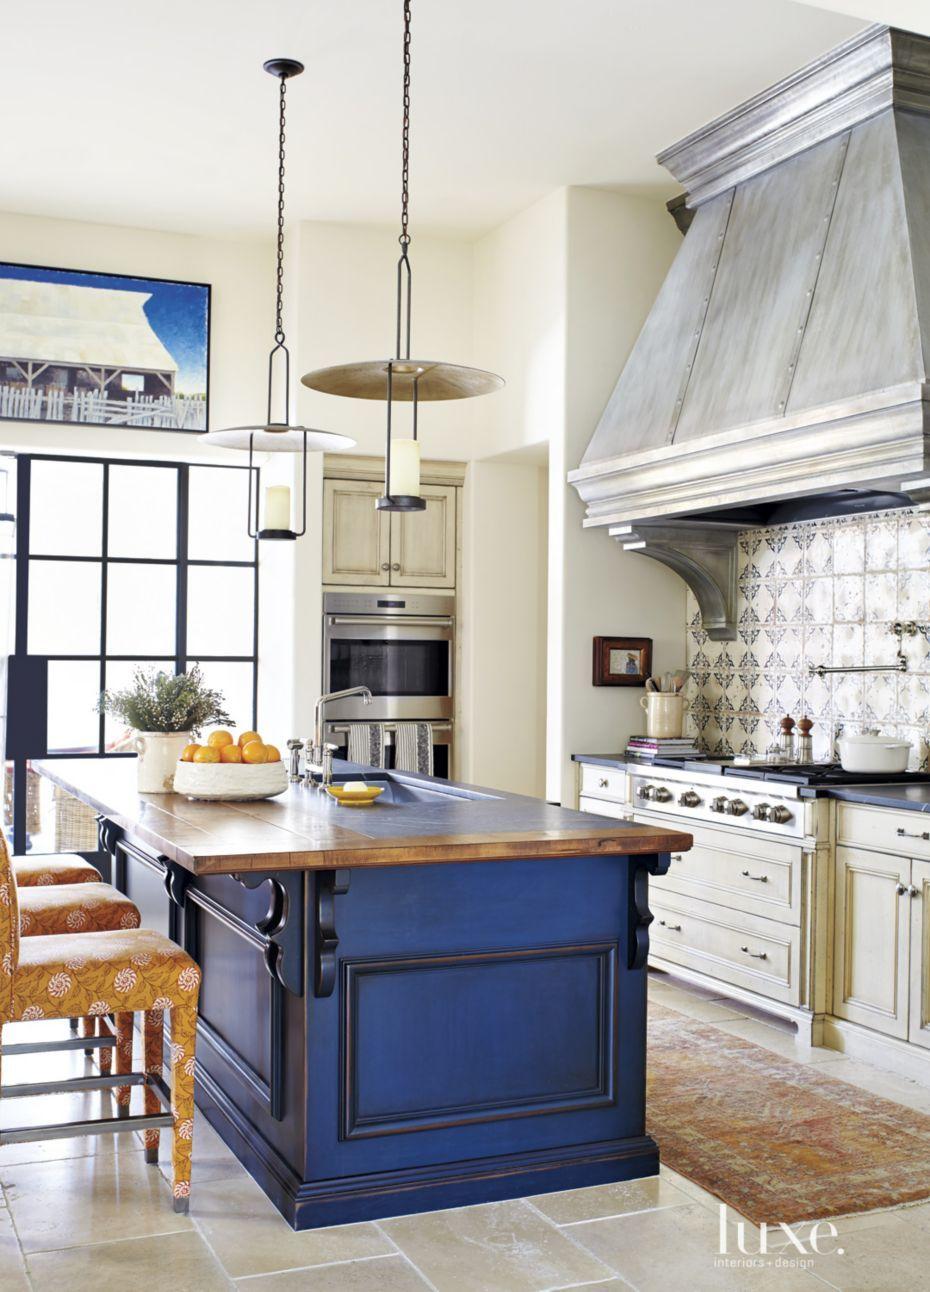 Best 18 Must See Kitchen Island Designs Luxeworthy Design 640 x 480